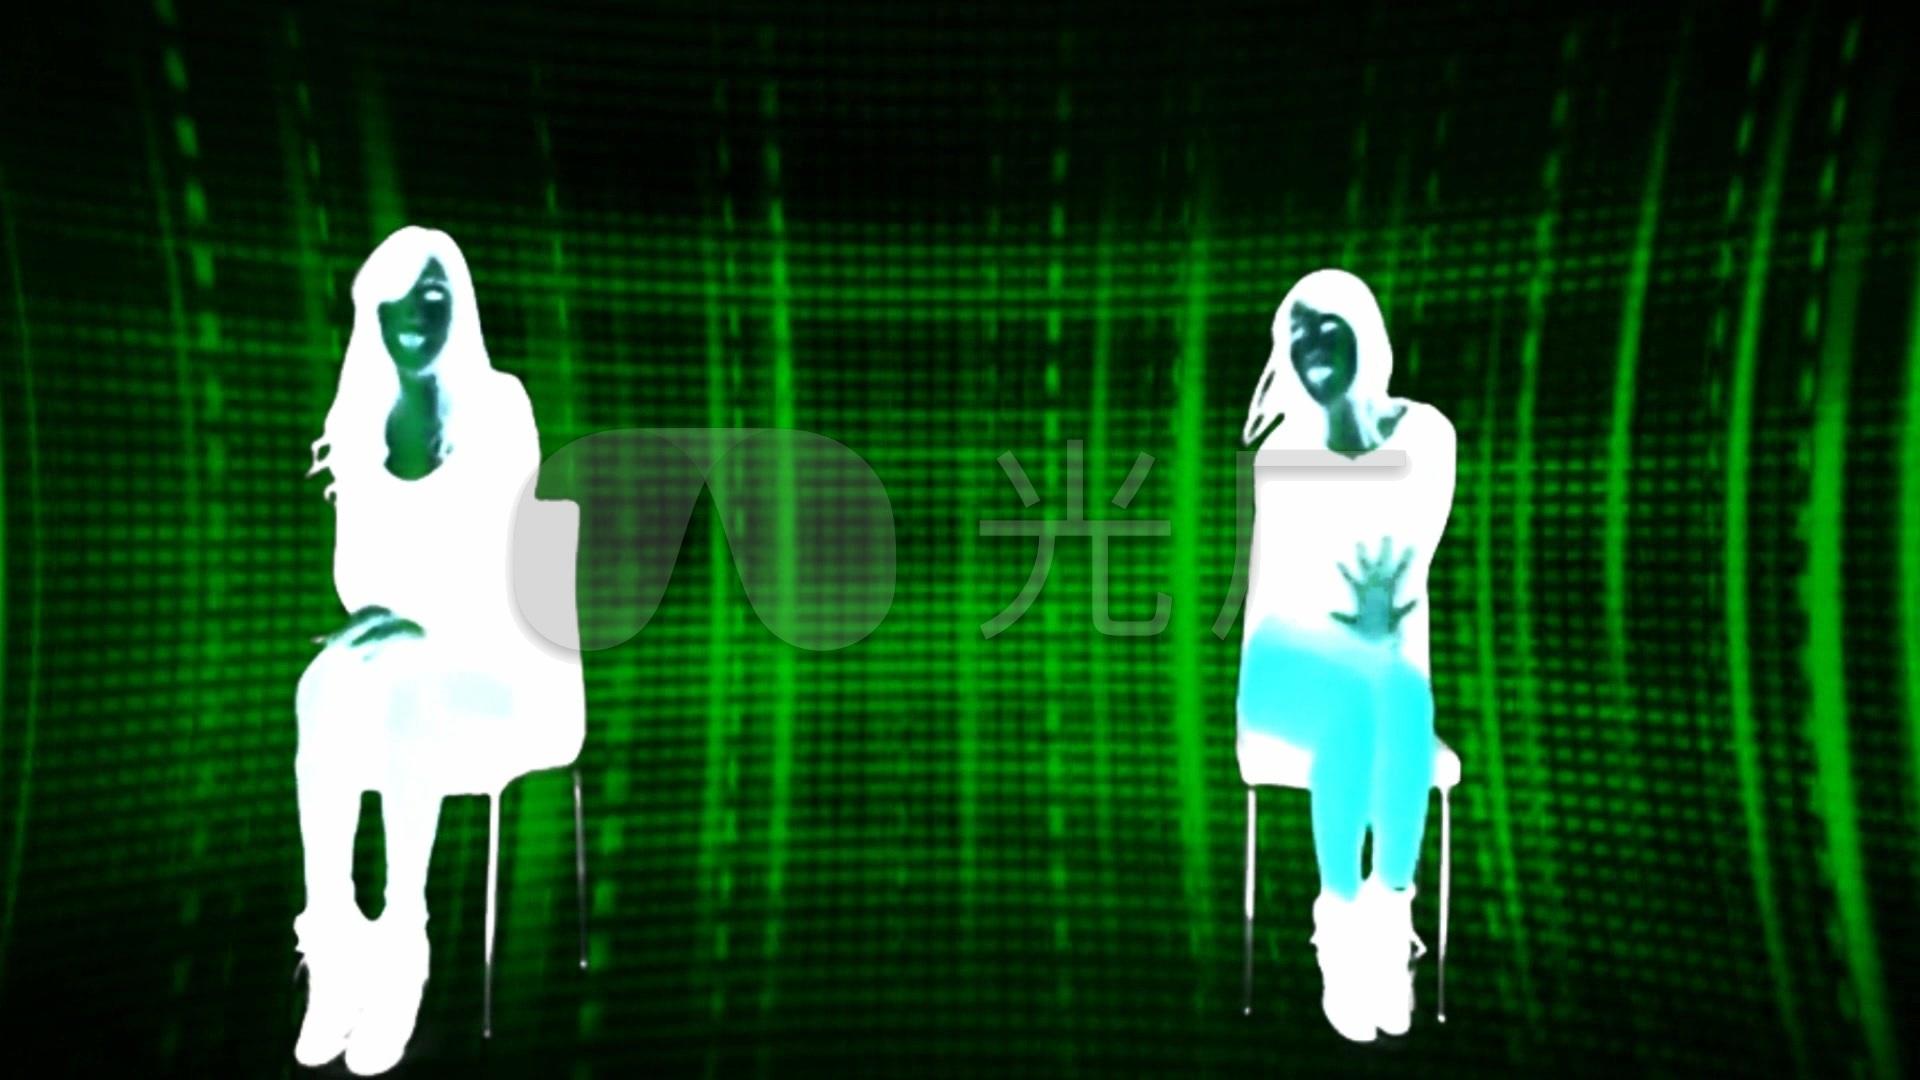 剪影性感舞女跳舞蹈酒吧歌厅背景素材图片